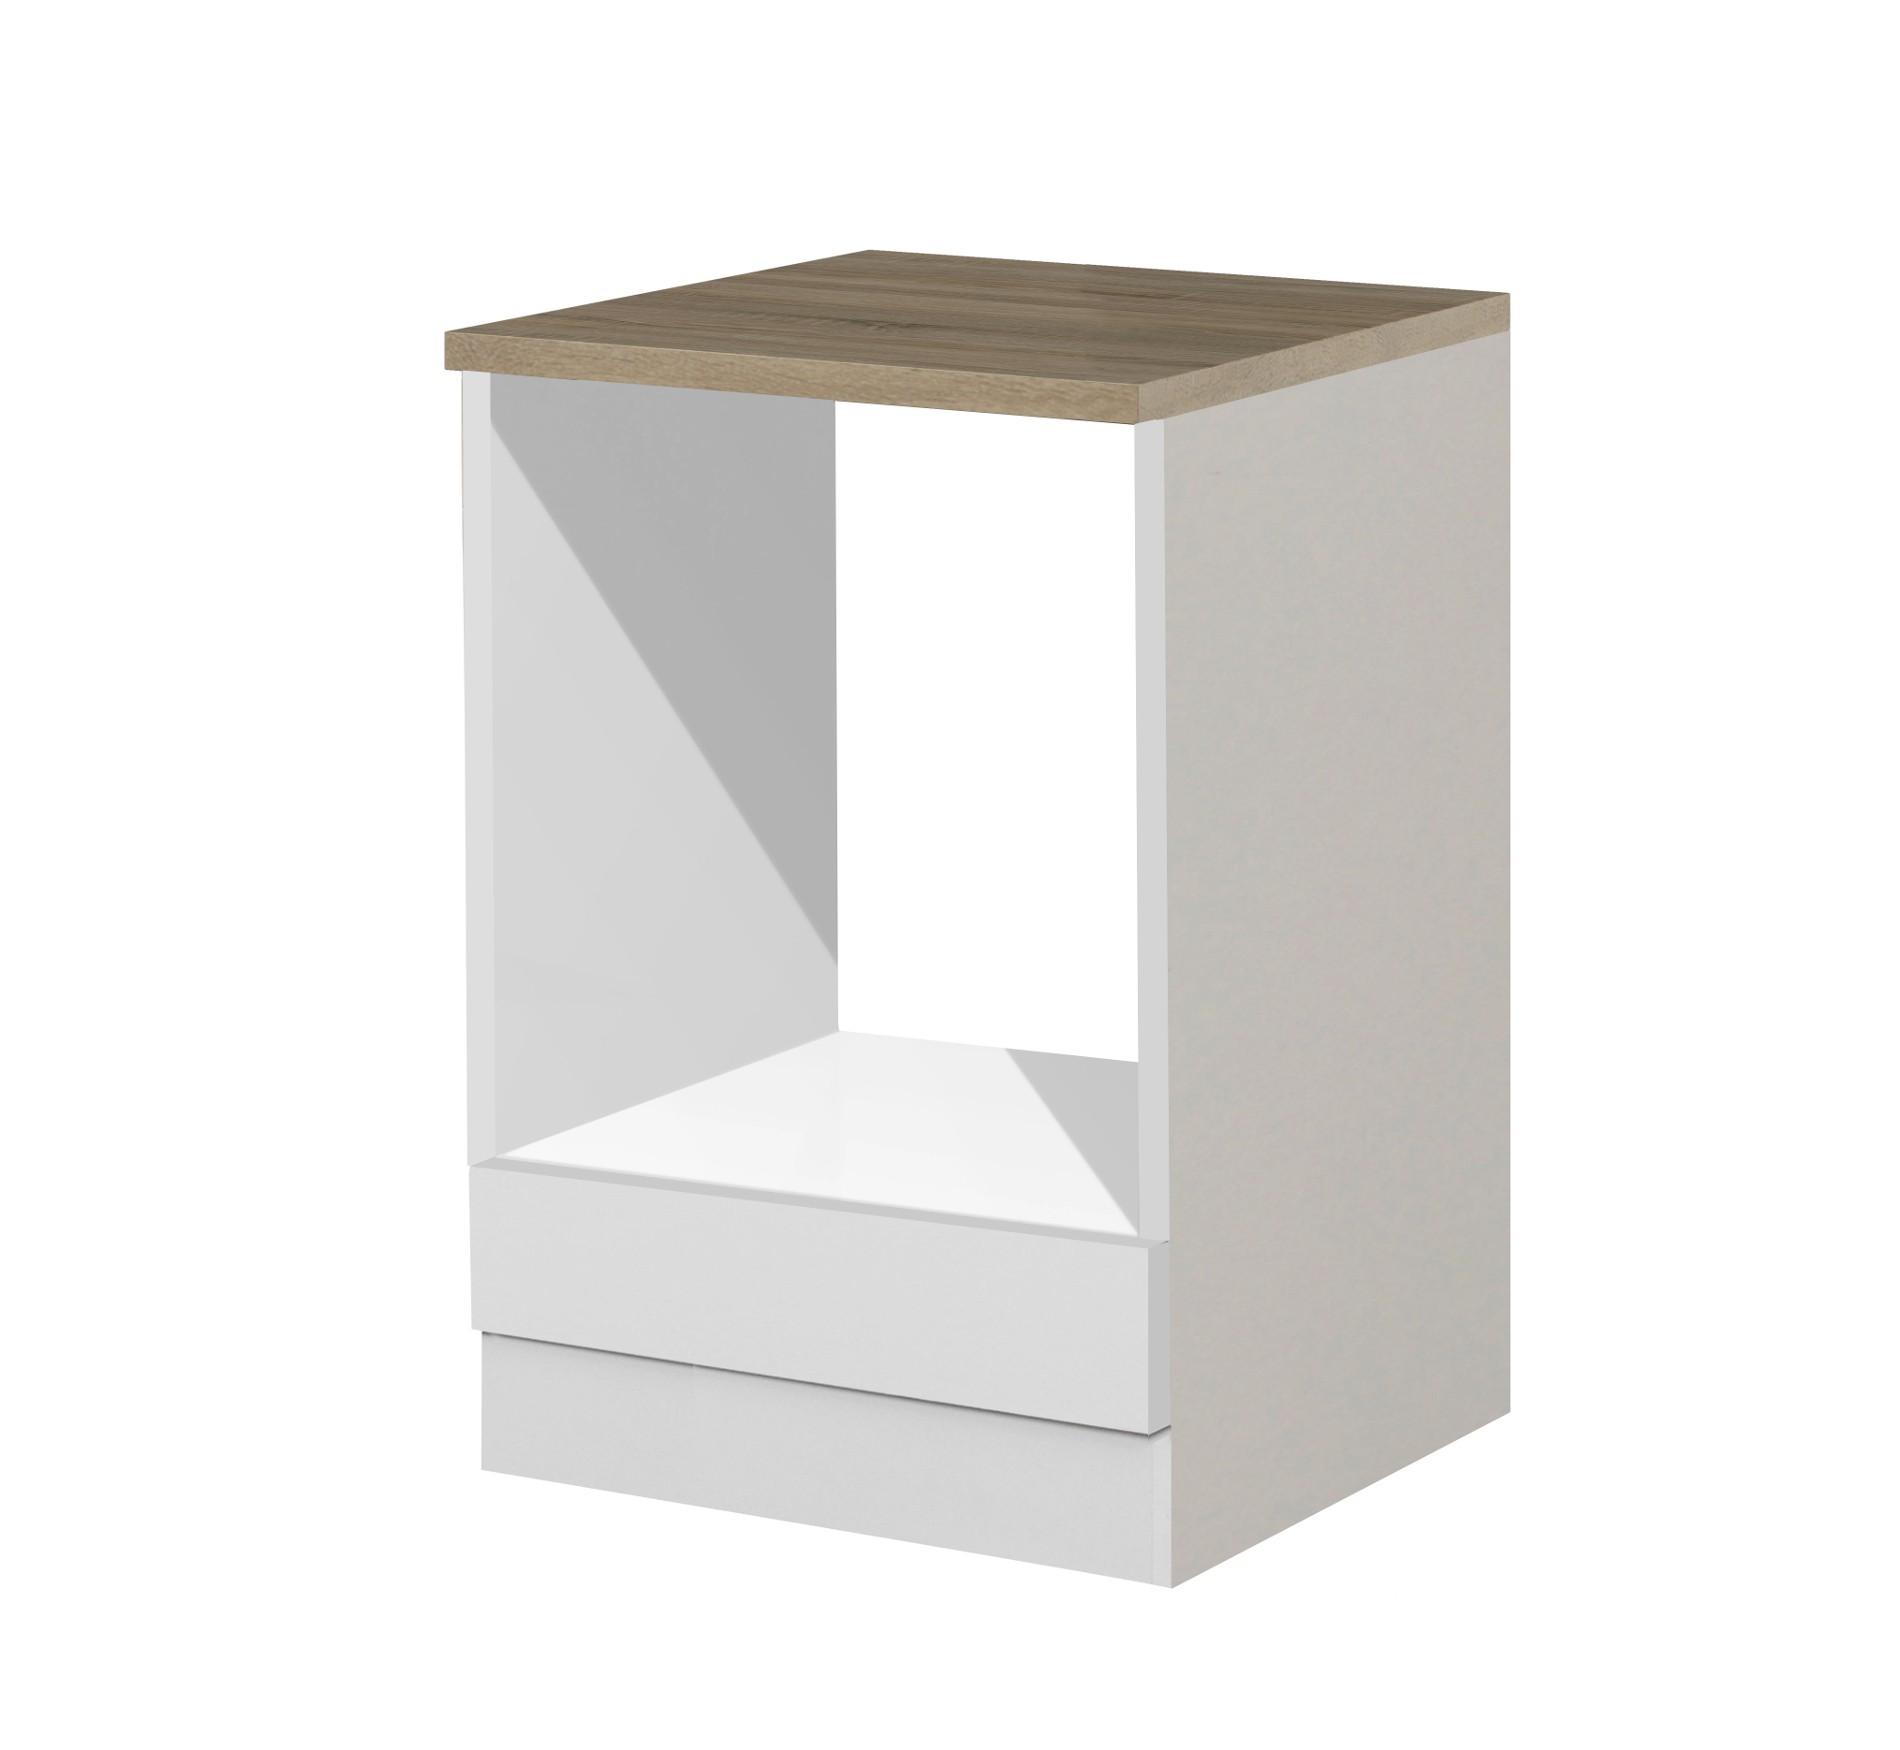 Küchen-Herdumbauschrank MÜNCHEN - 60 cm breit - Hochglanz Weiß Küche ...